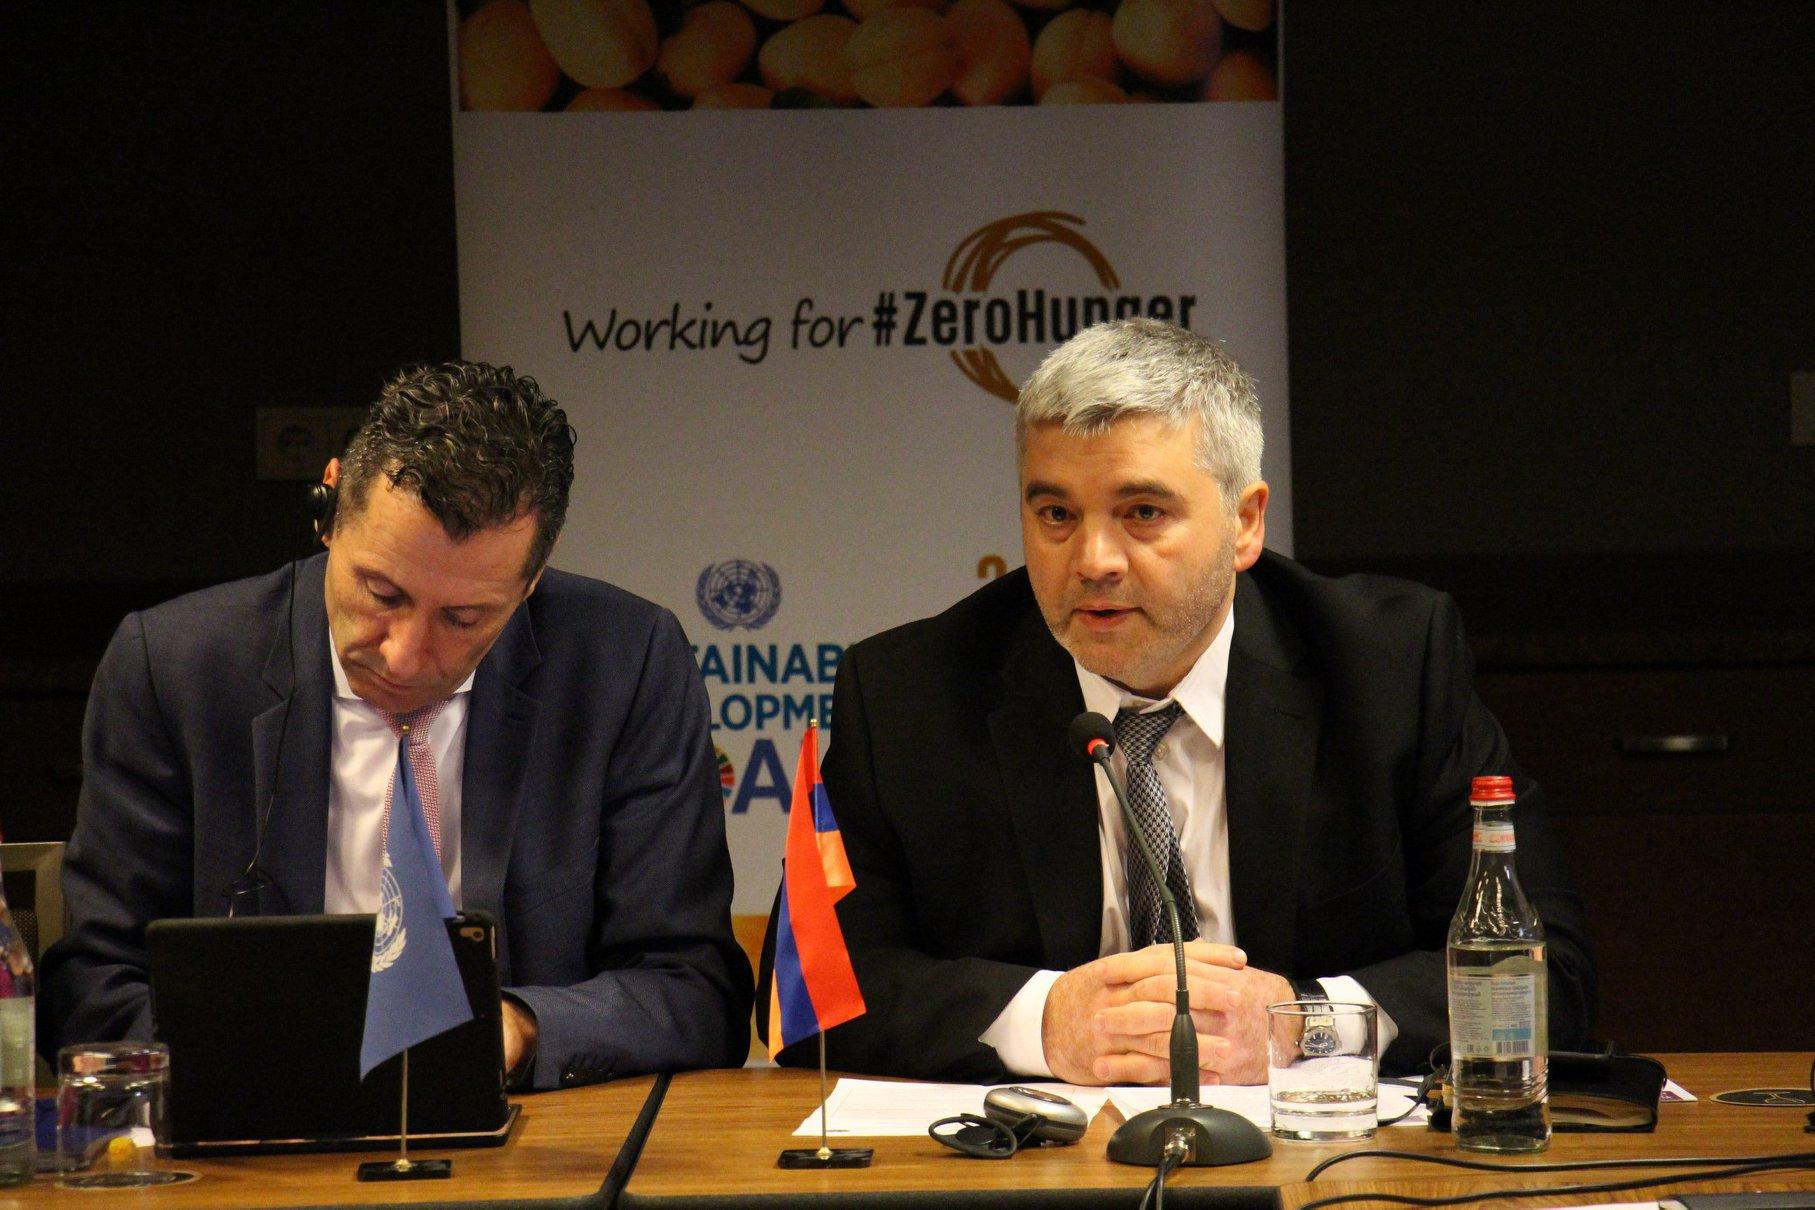 Հայաստանում կիրագործվի գյուղատնտեսական նշանակության չօգտագործվող հողերի խնդիրների լուծմանն ուղղված ծրագիրը